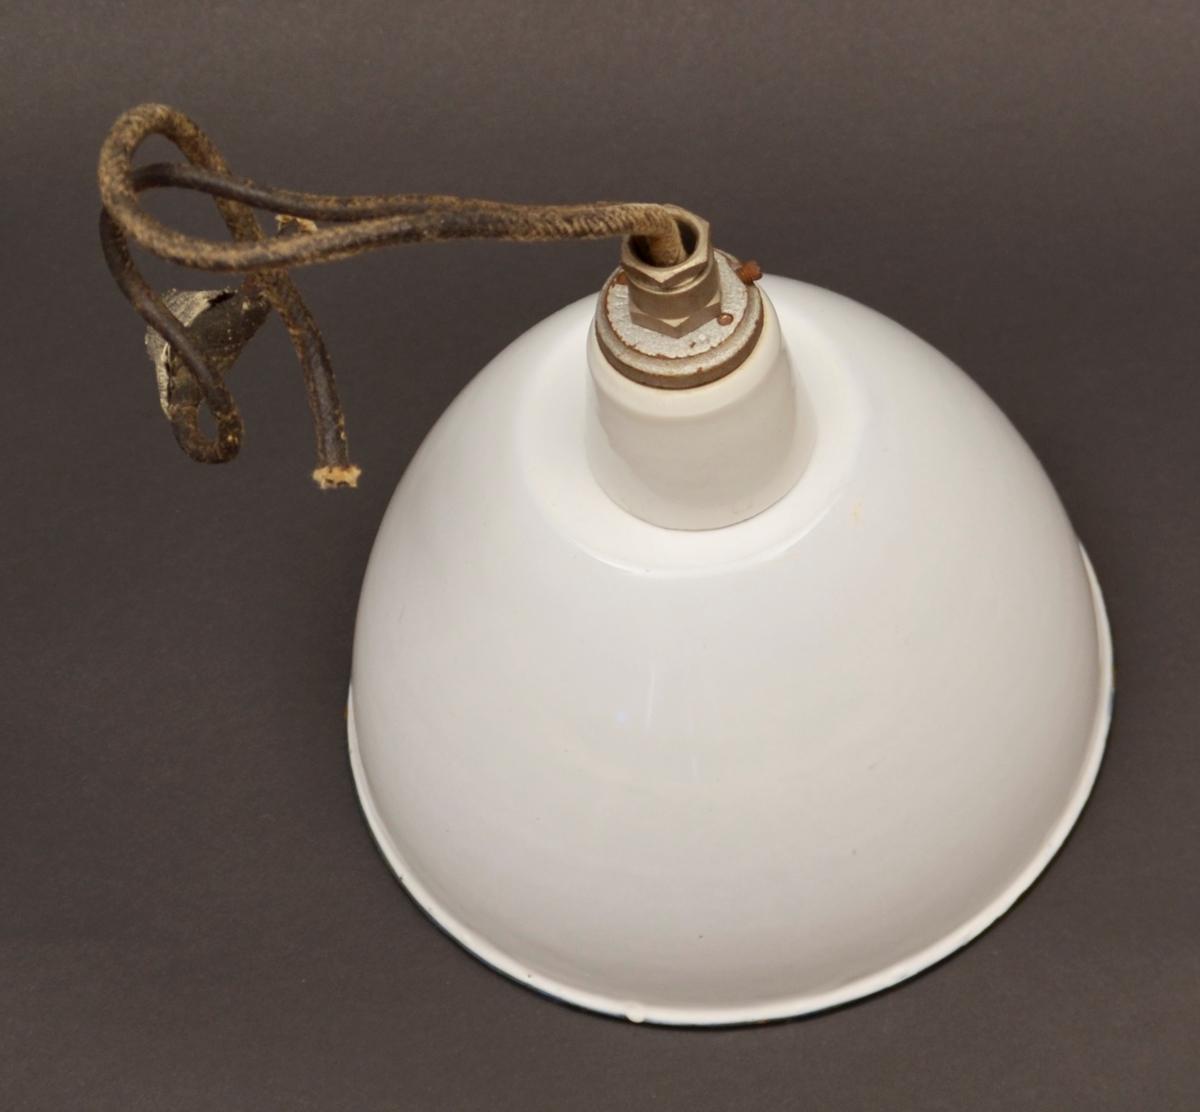 Elektrisk hengjelampe. Skjerm i emaljert jarn, kvite med svart kant nedst. Lampehaldar og pærehaldar i kvitt porselen. Metall øvst. Leidningsstump stikk ut øvst. Leidningen er dobbel med ein slags vaksa, tekstil yte.